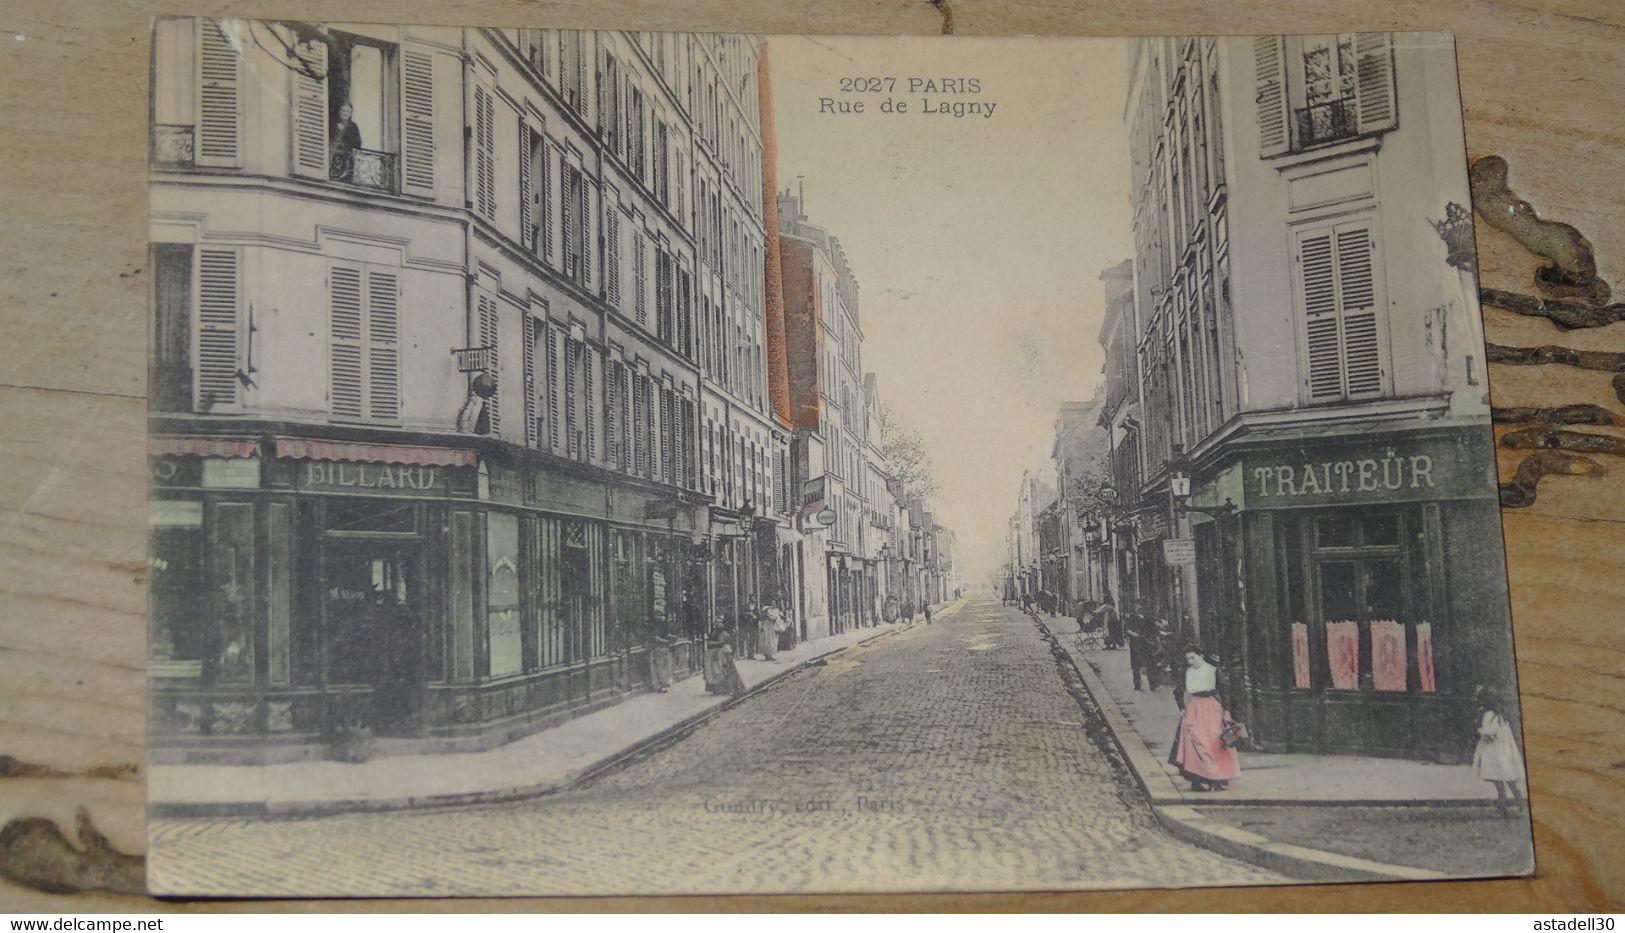 PARIS : Rue De Lagny ................ 201101b-2583 - Distrito: 20